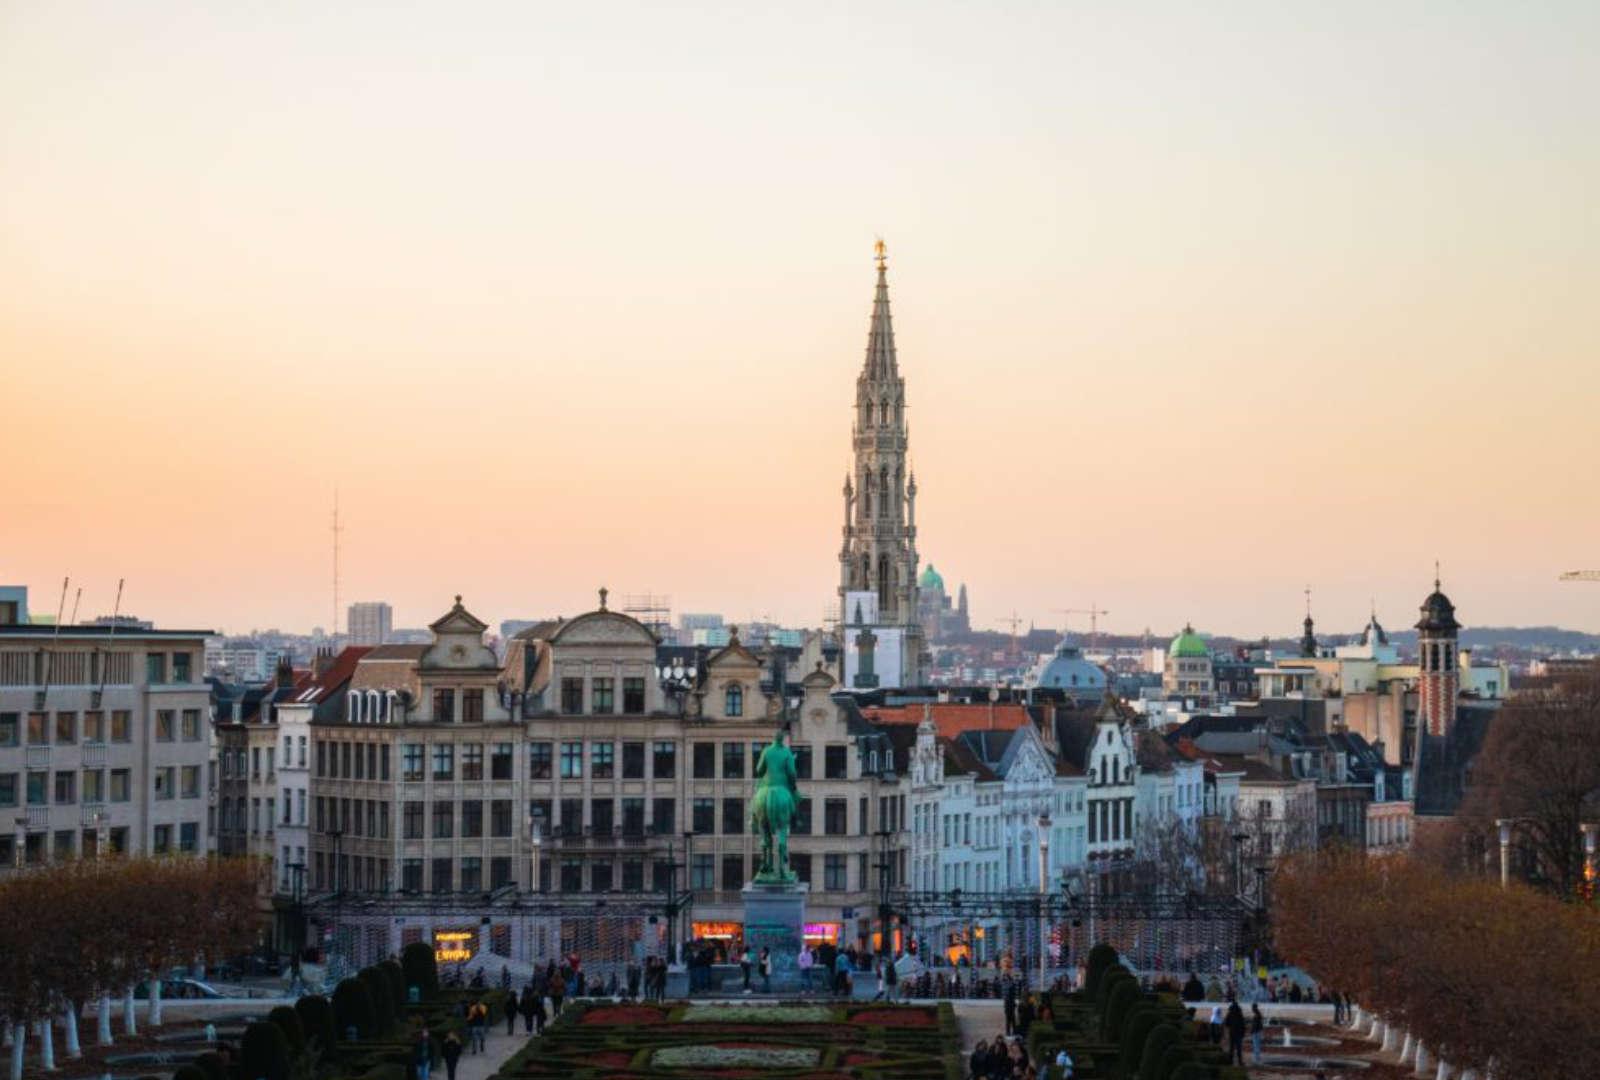 Près de 85 millions d'euros de nouvelles aides pour les entreprises et indépendant.e.s bruxelloises